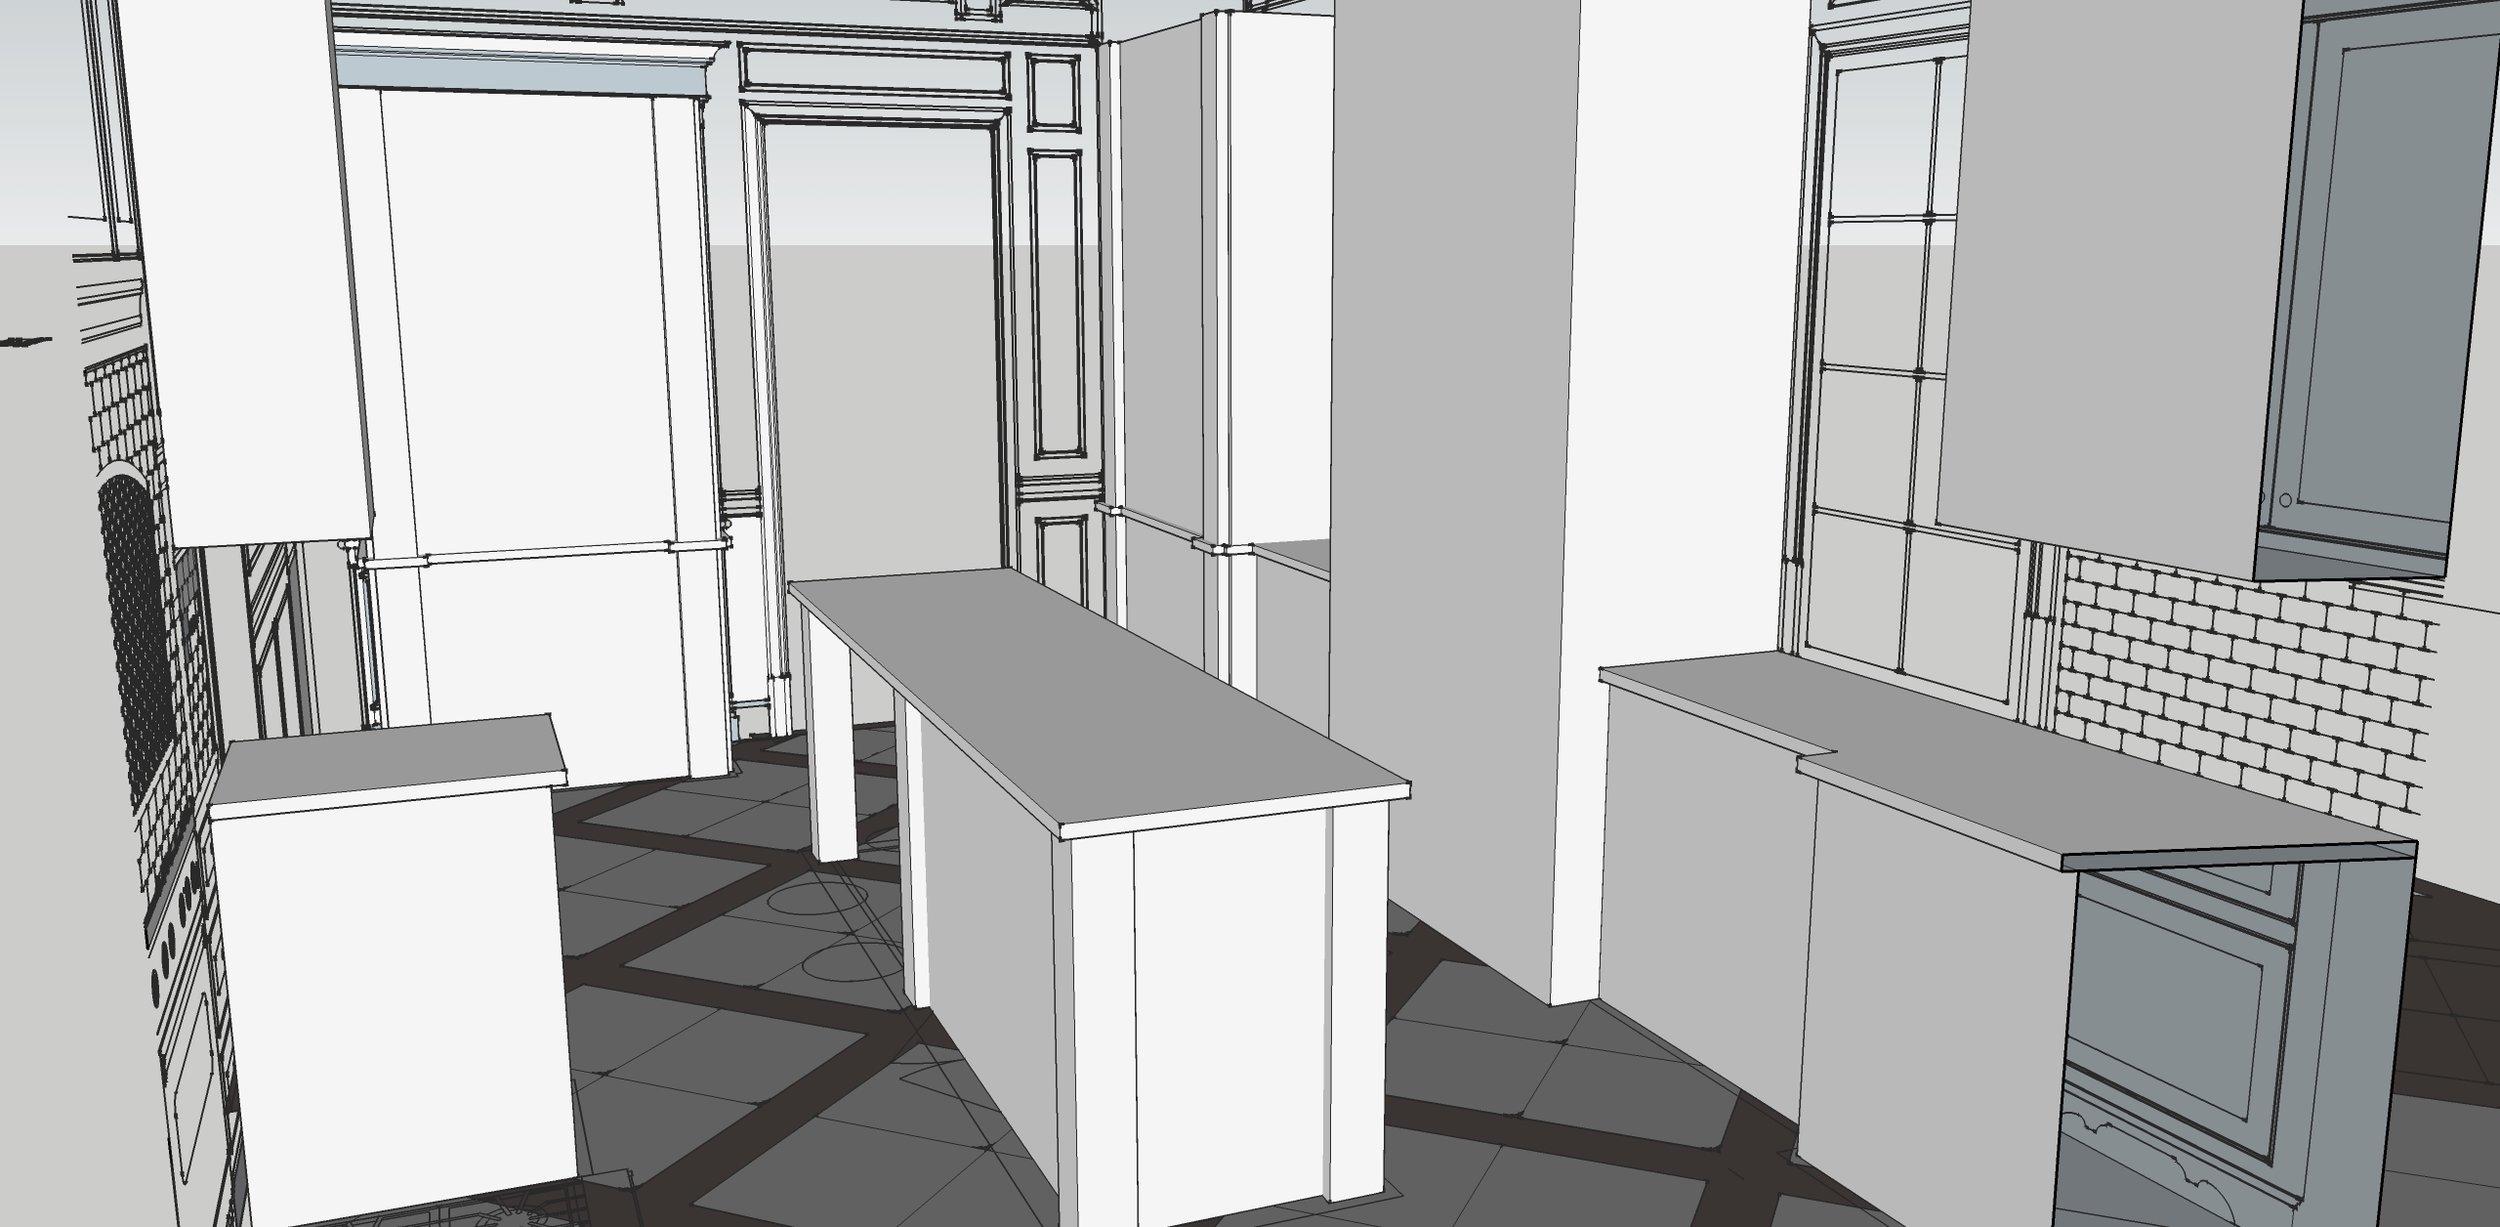 Davis_Kitchen_Perspective1 2.jpg